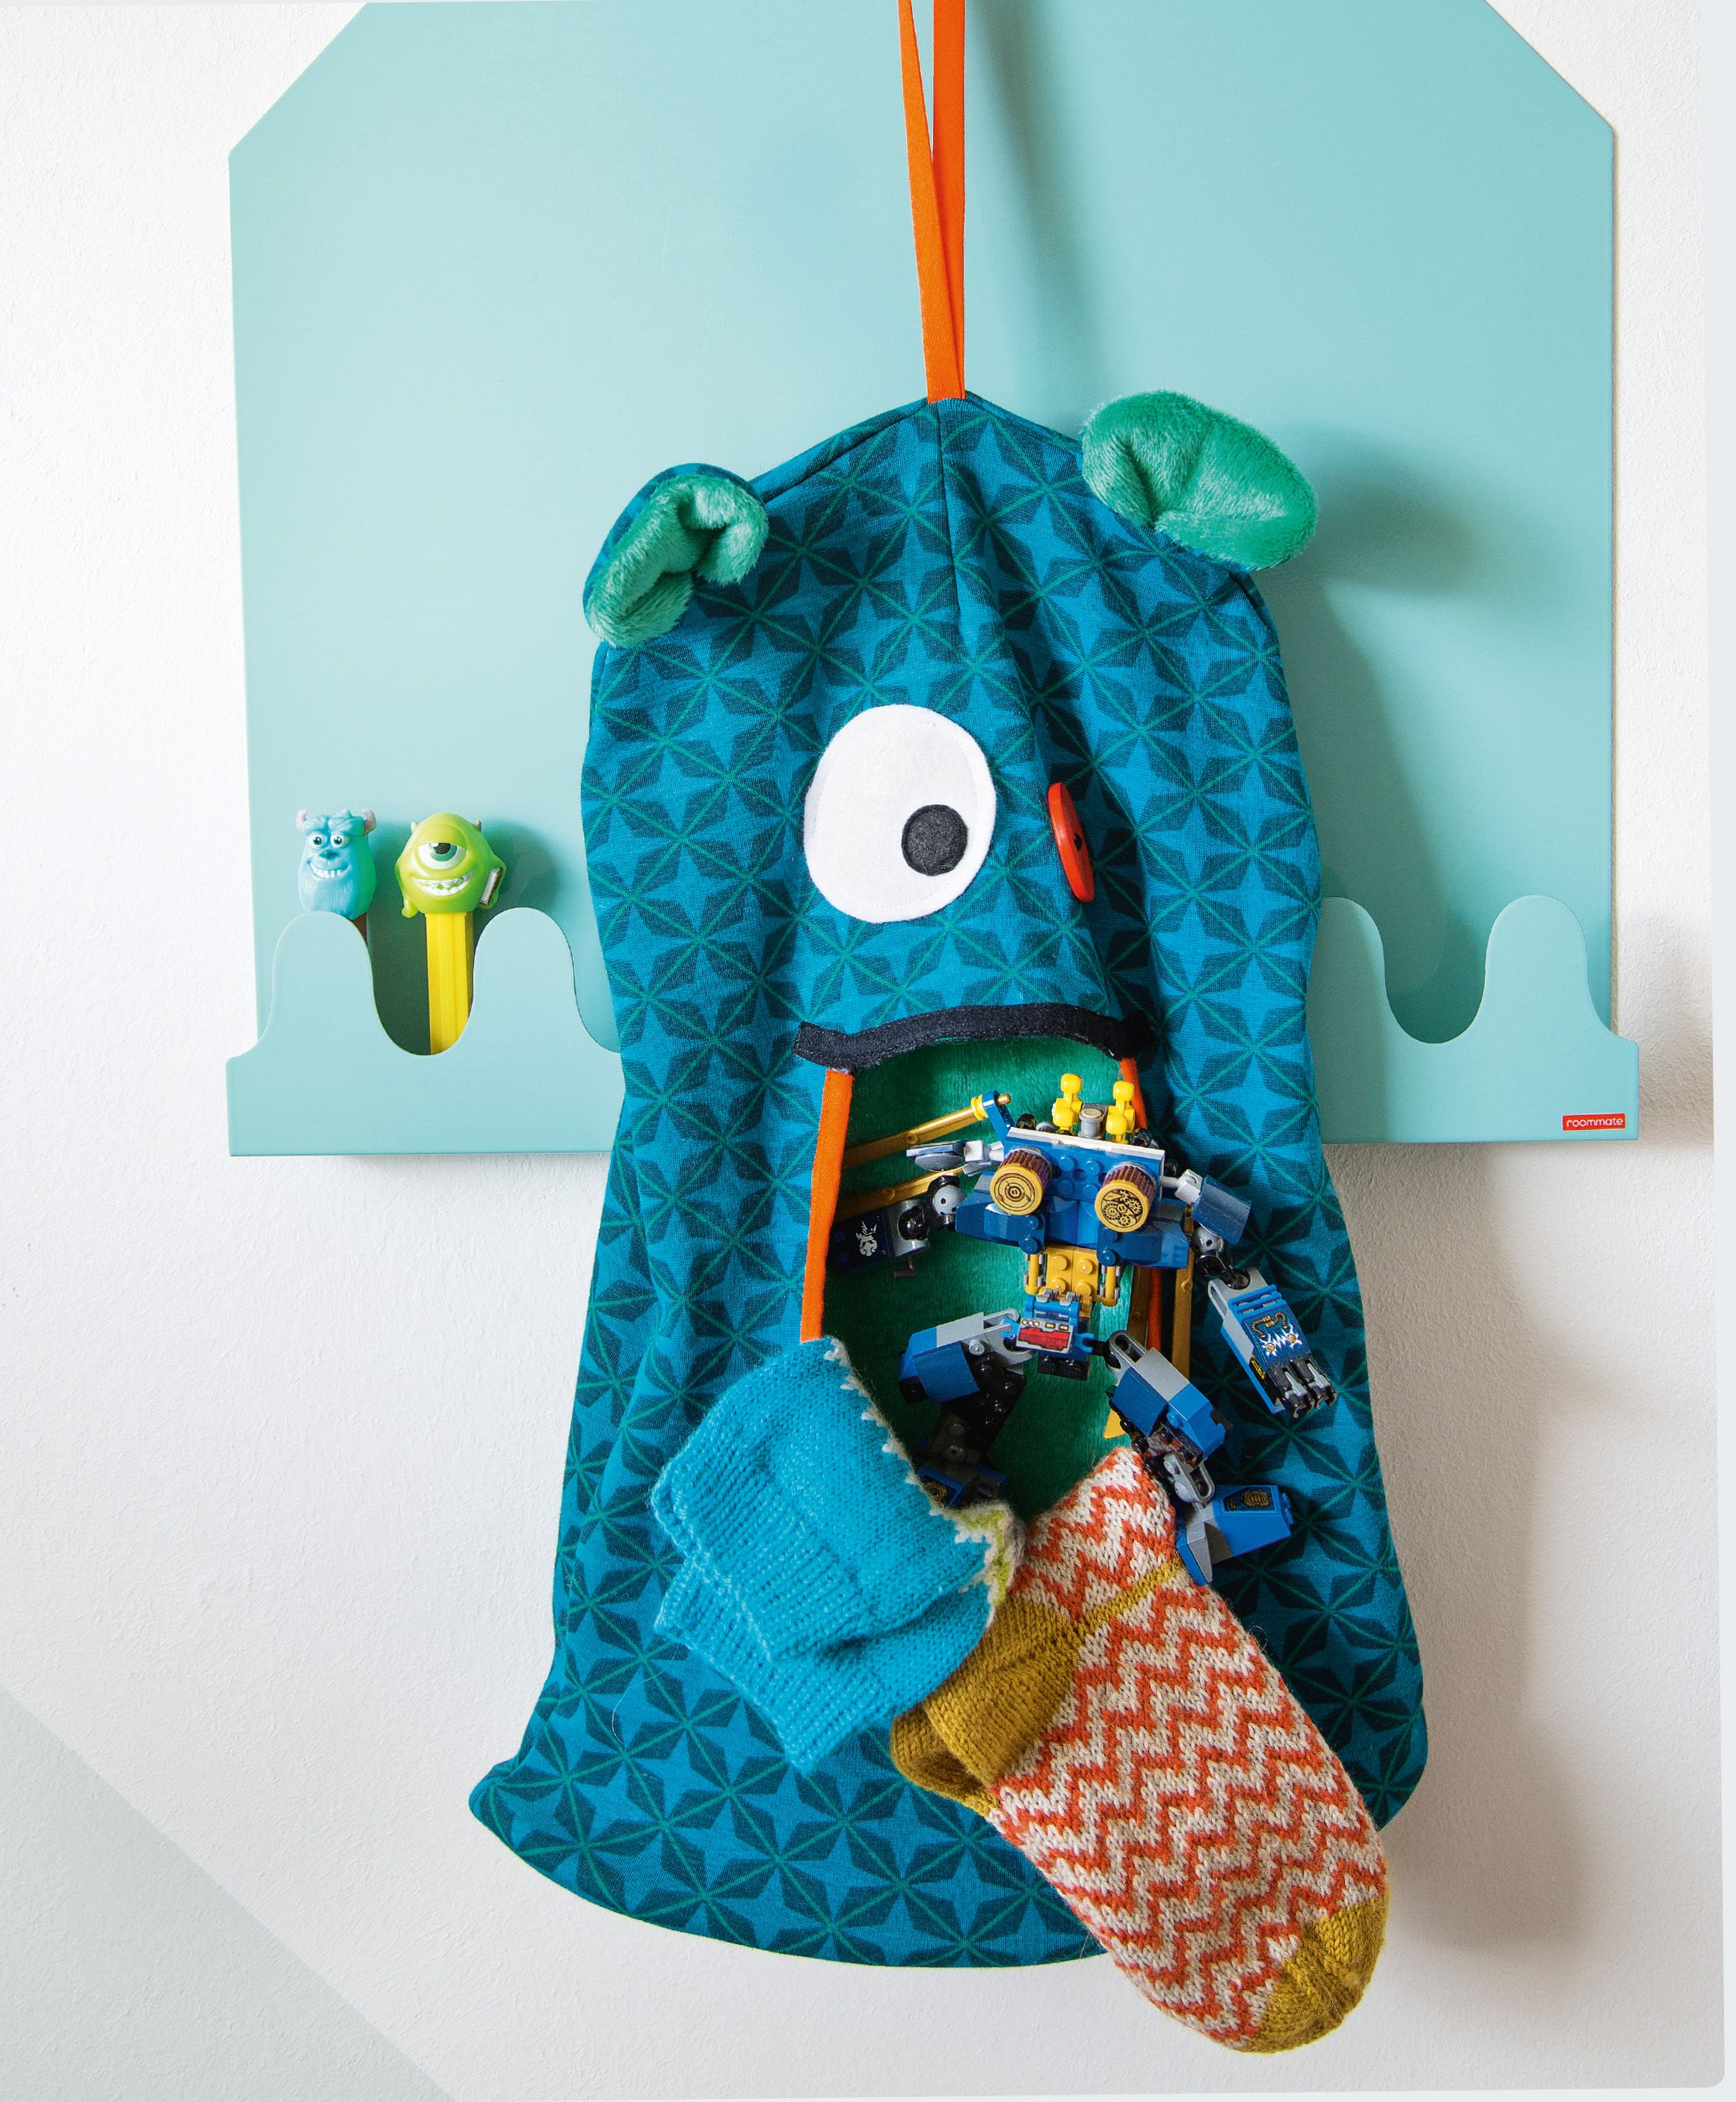 Kein Chaos im Kinderzimmer: Der Sockenfresser macht Ordnung ...